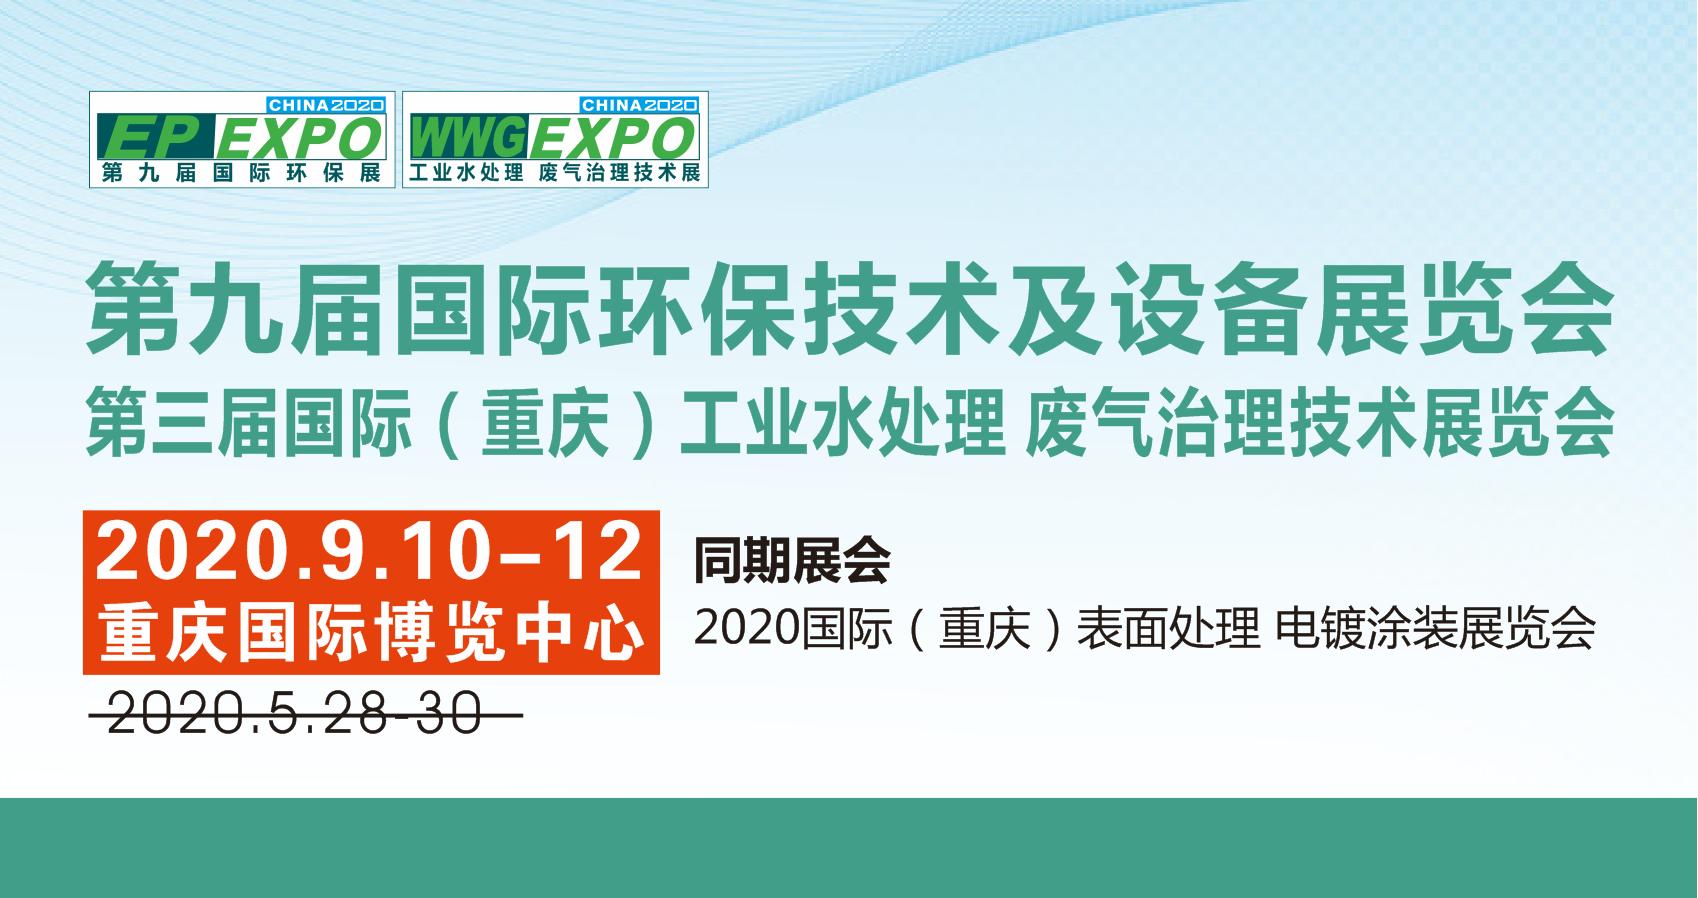 精彩續燃!2020重慶國際環保展暨工業水處理廢氣治理技術展與您重慶相聚!